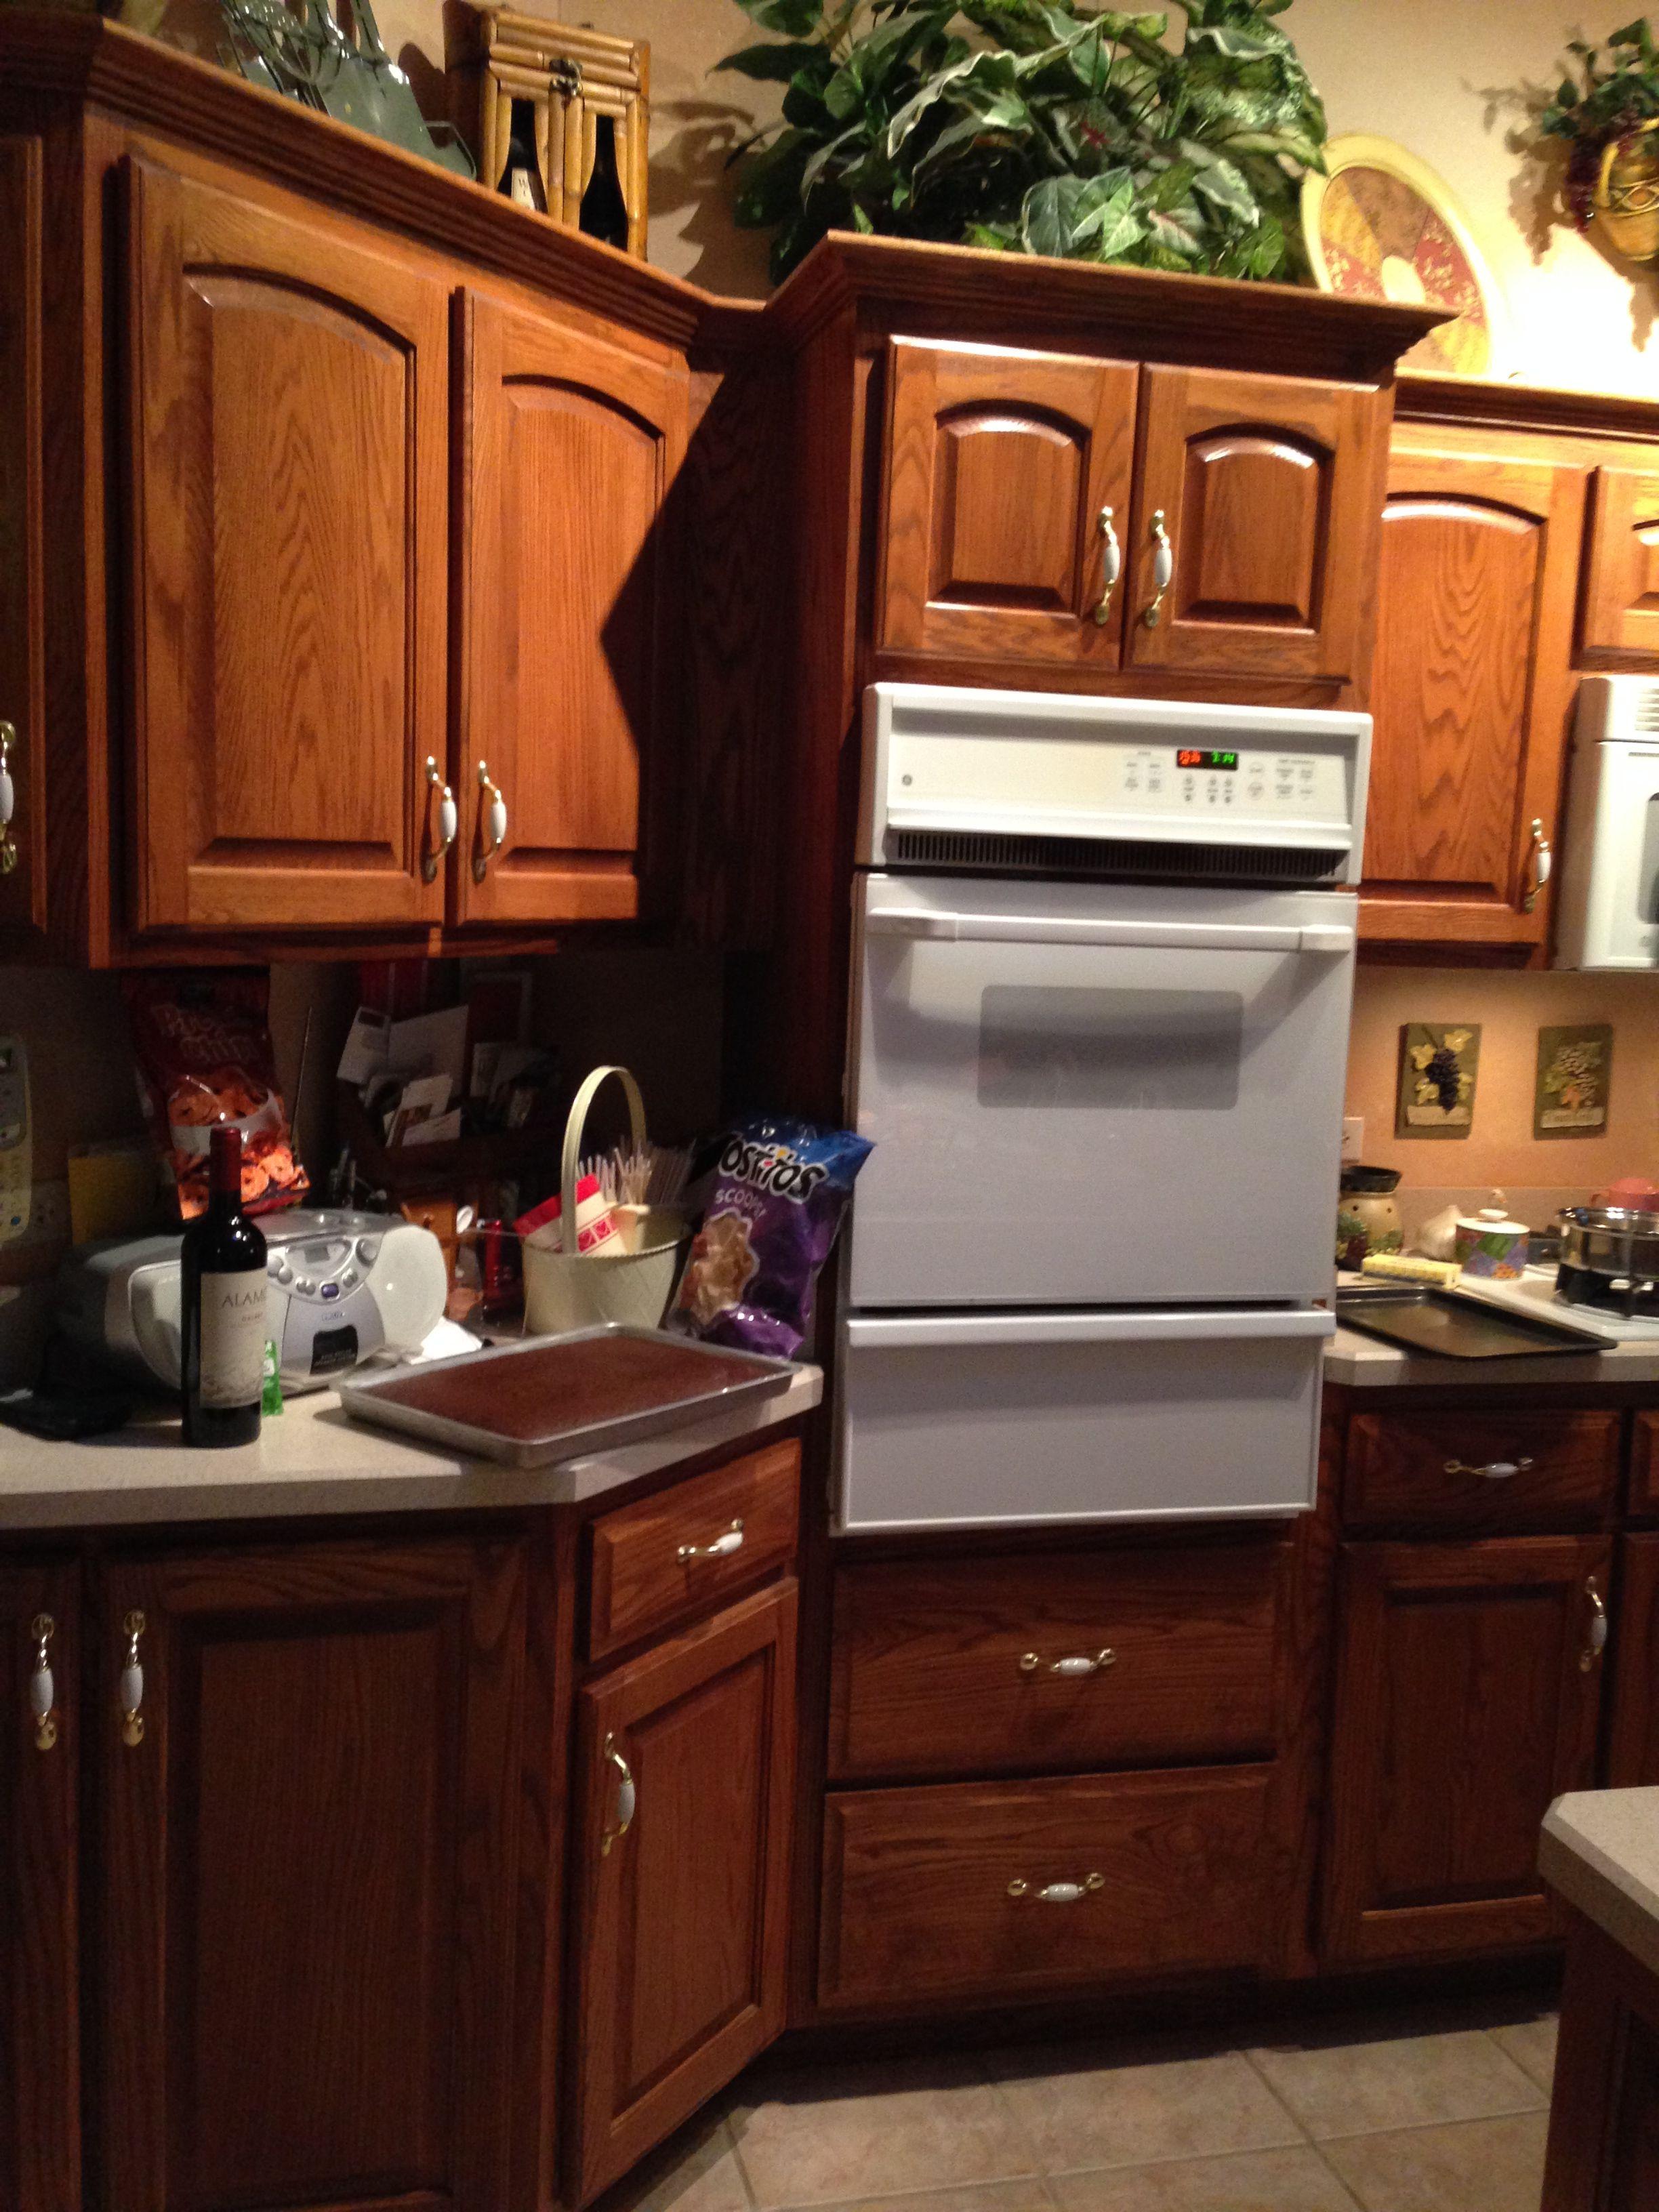 Level Of Stove | Kitchen, Home decor, Kitchen cabinets